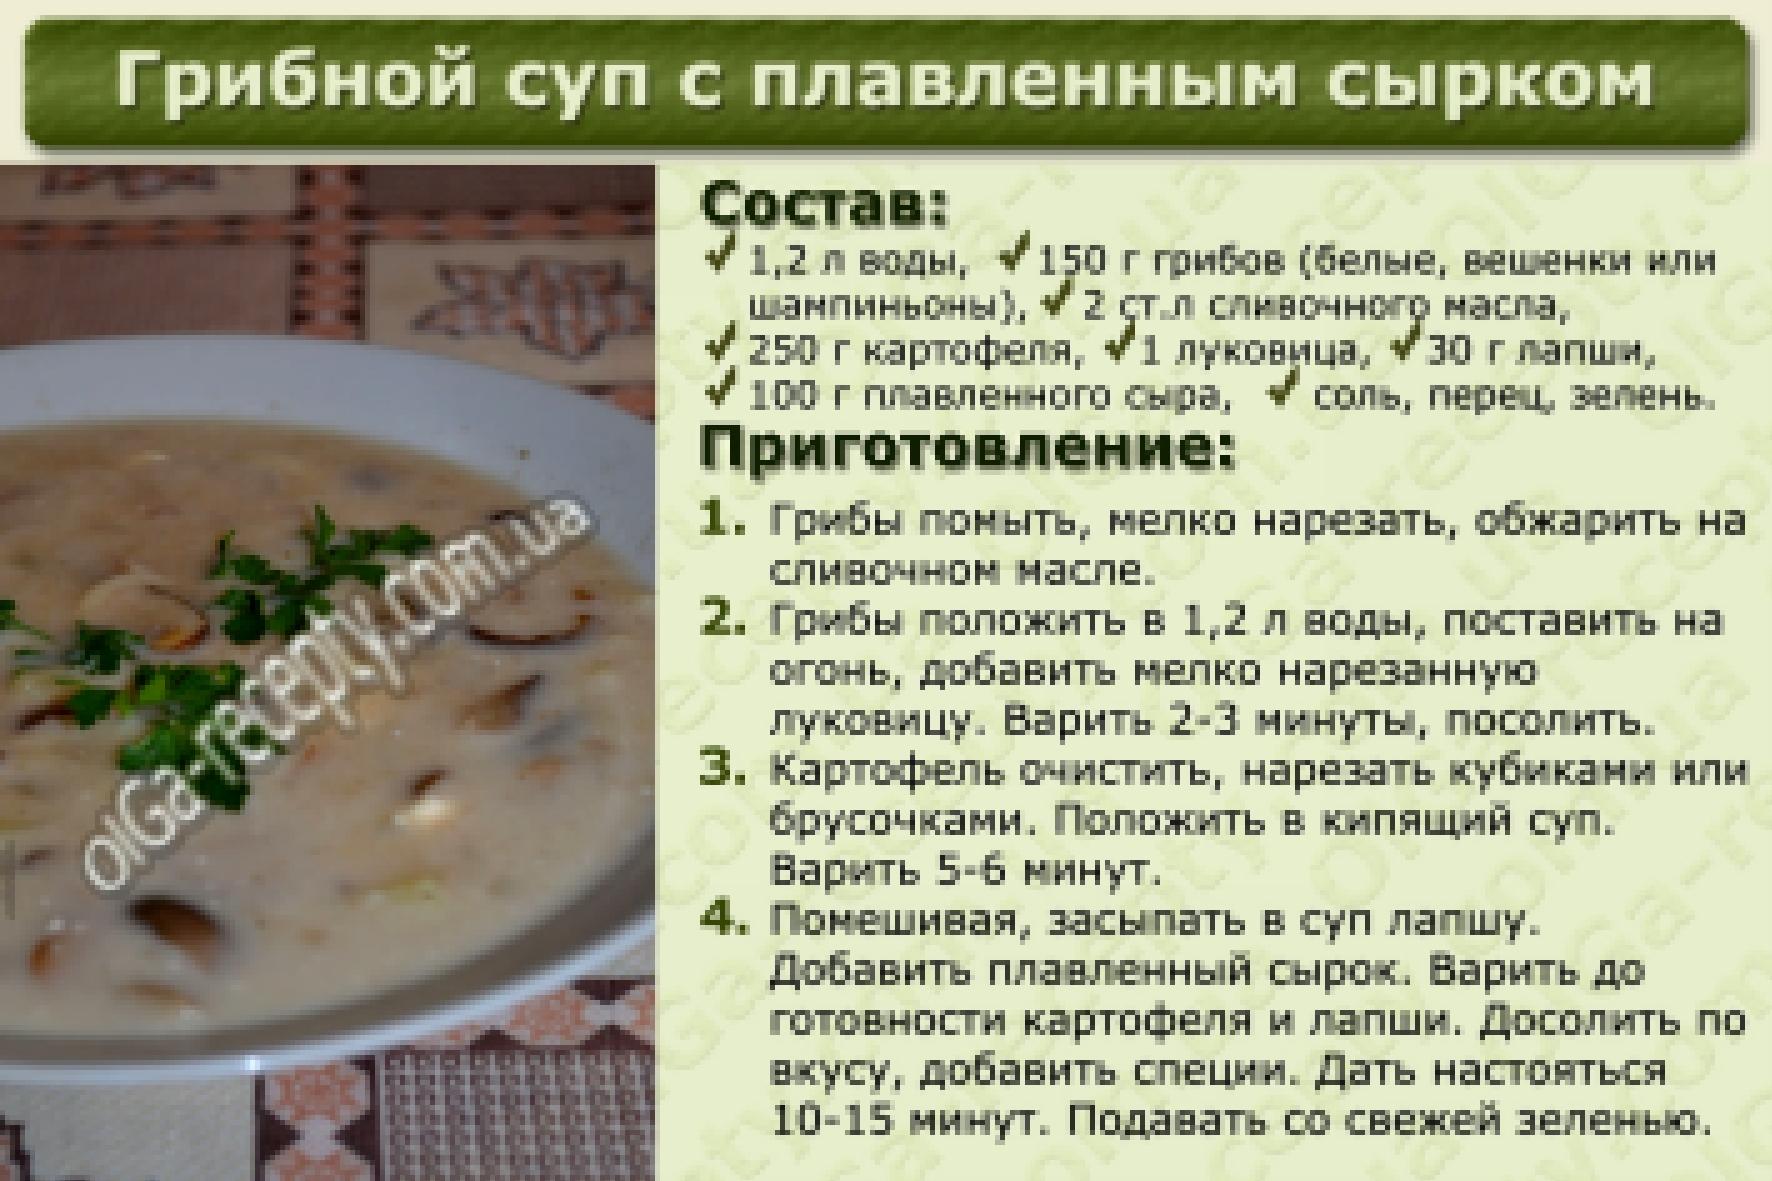 Сырный суп пюре рецепт с плавленным сыром пошагово 128